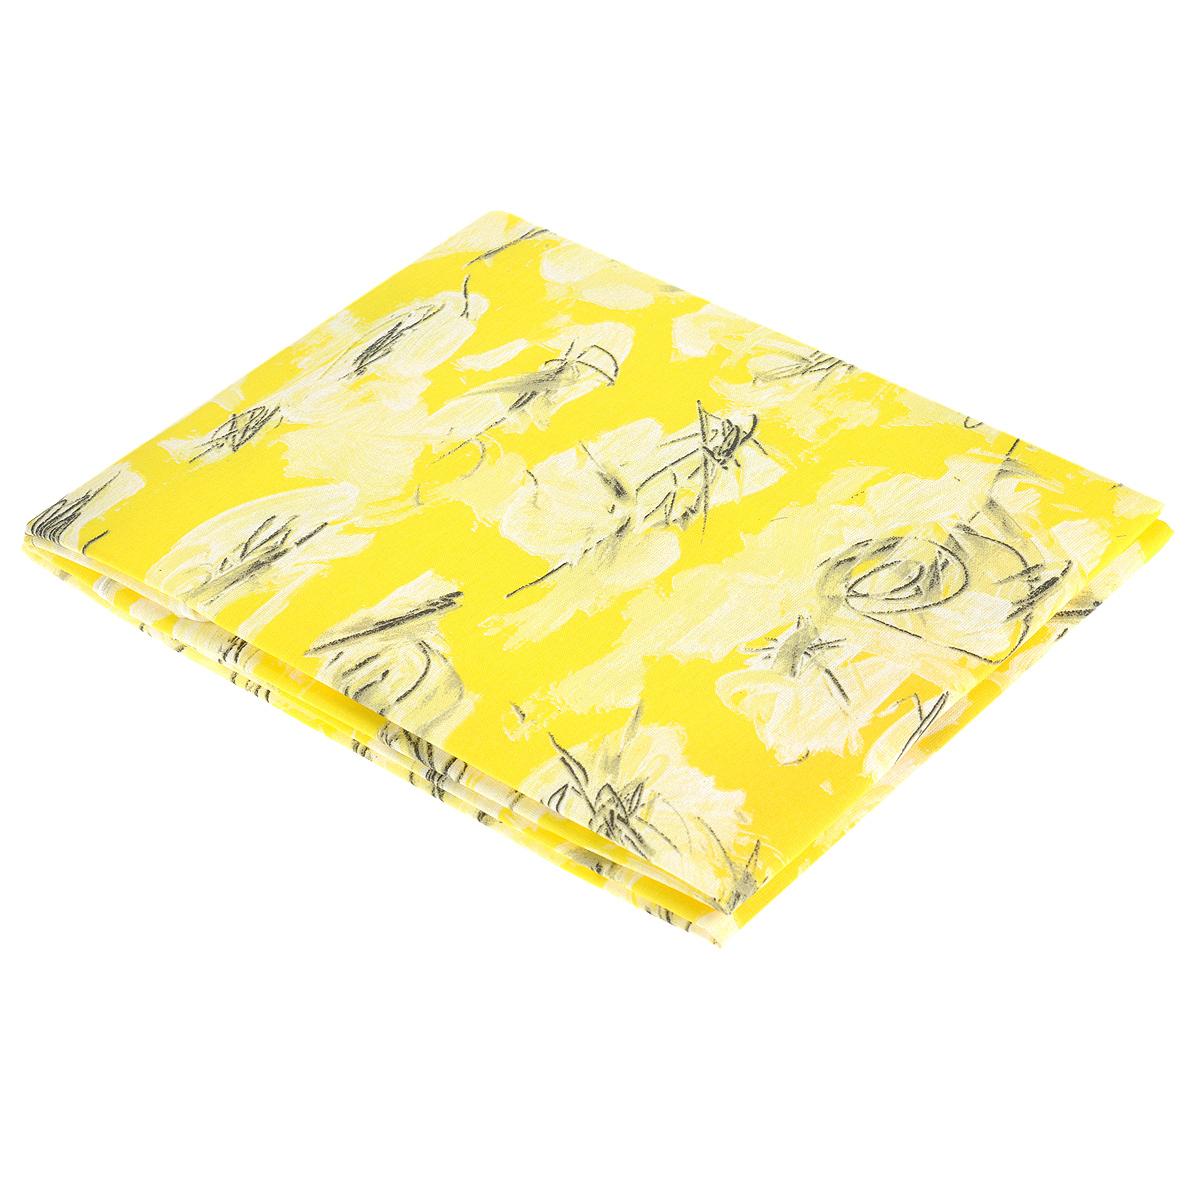 Чехол для гладильной доски Metaltex со специальным покрытием, цвет: желтый, 140 см х 55 см41.83.12Чехол для гладильной доски Metaltex со специальным антипригарным покрытием предназначен для защиты или замены изношенного покрытия гладильной доски. Чехол снабжен стягивающим шнуром, при помощи которого Вы легко отрегулируете оптимальное натяжение чехла и зафиксируете его на рабочей поверхности гладильной доски. Этот качественный чехол обеспечит Вам легкое глажение. Характеристики: Материал чехла: хлопок, полиэстер. Размер чехла: 140 см x 55 см. Размер доски, на которую предназначен чехол: 132 см x 47 см. Изготовитель: Италия.